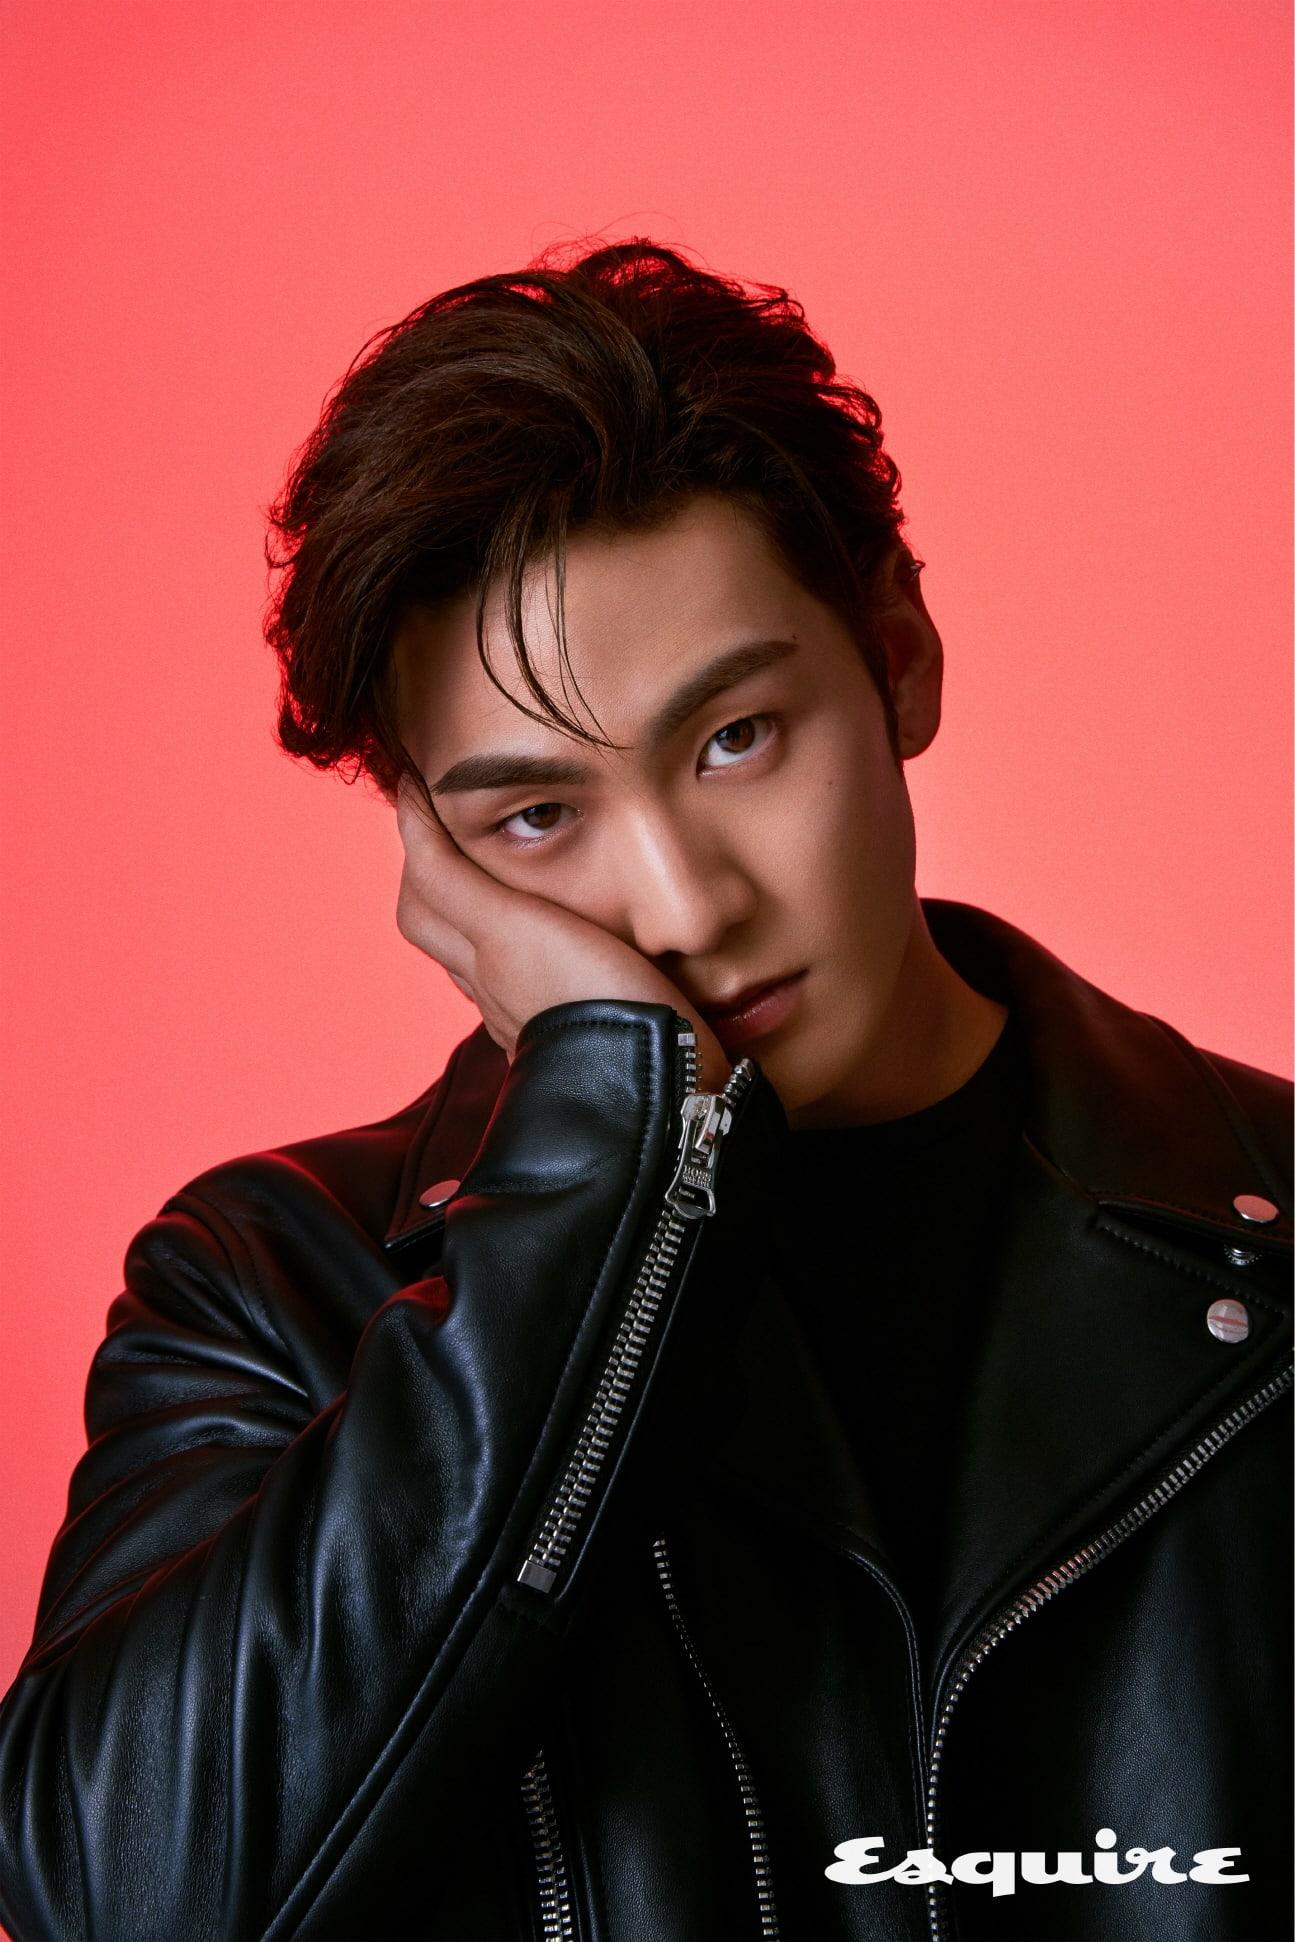 NU'EST's Baekho shares his goals for Esquire Korea